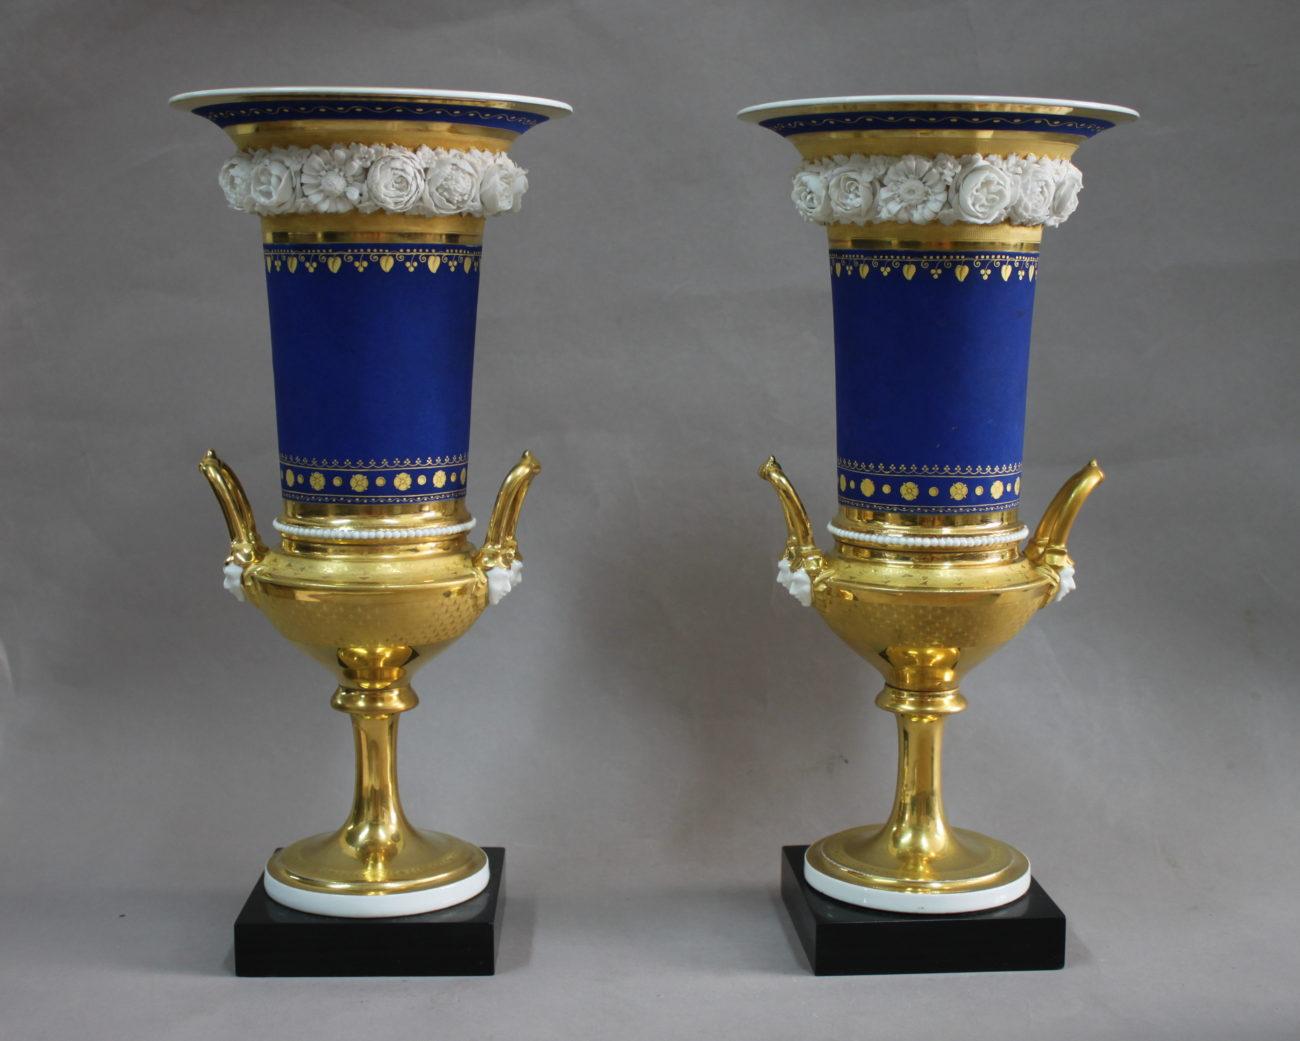 Paire de vases dorés du 19ème siècle